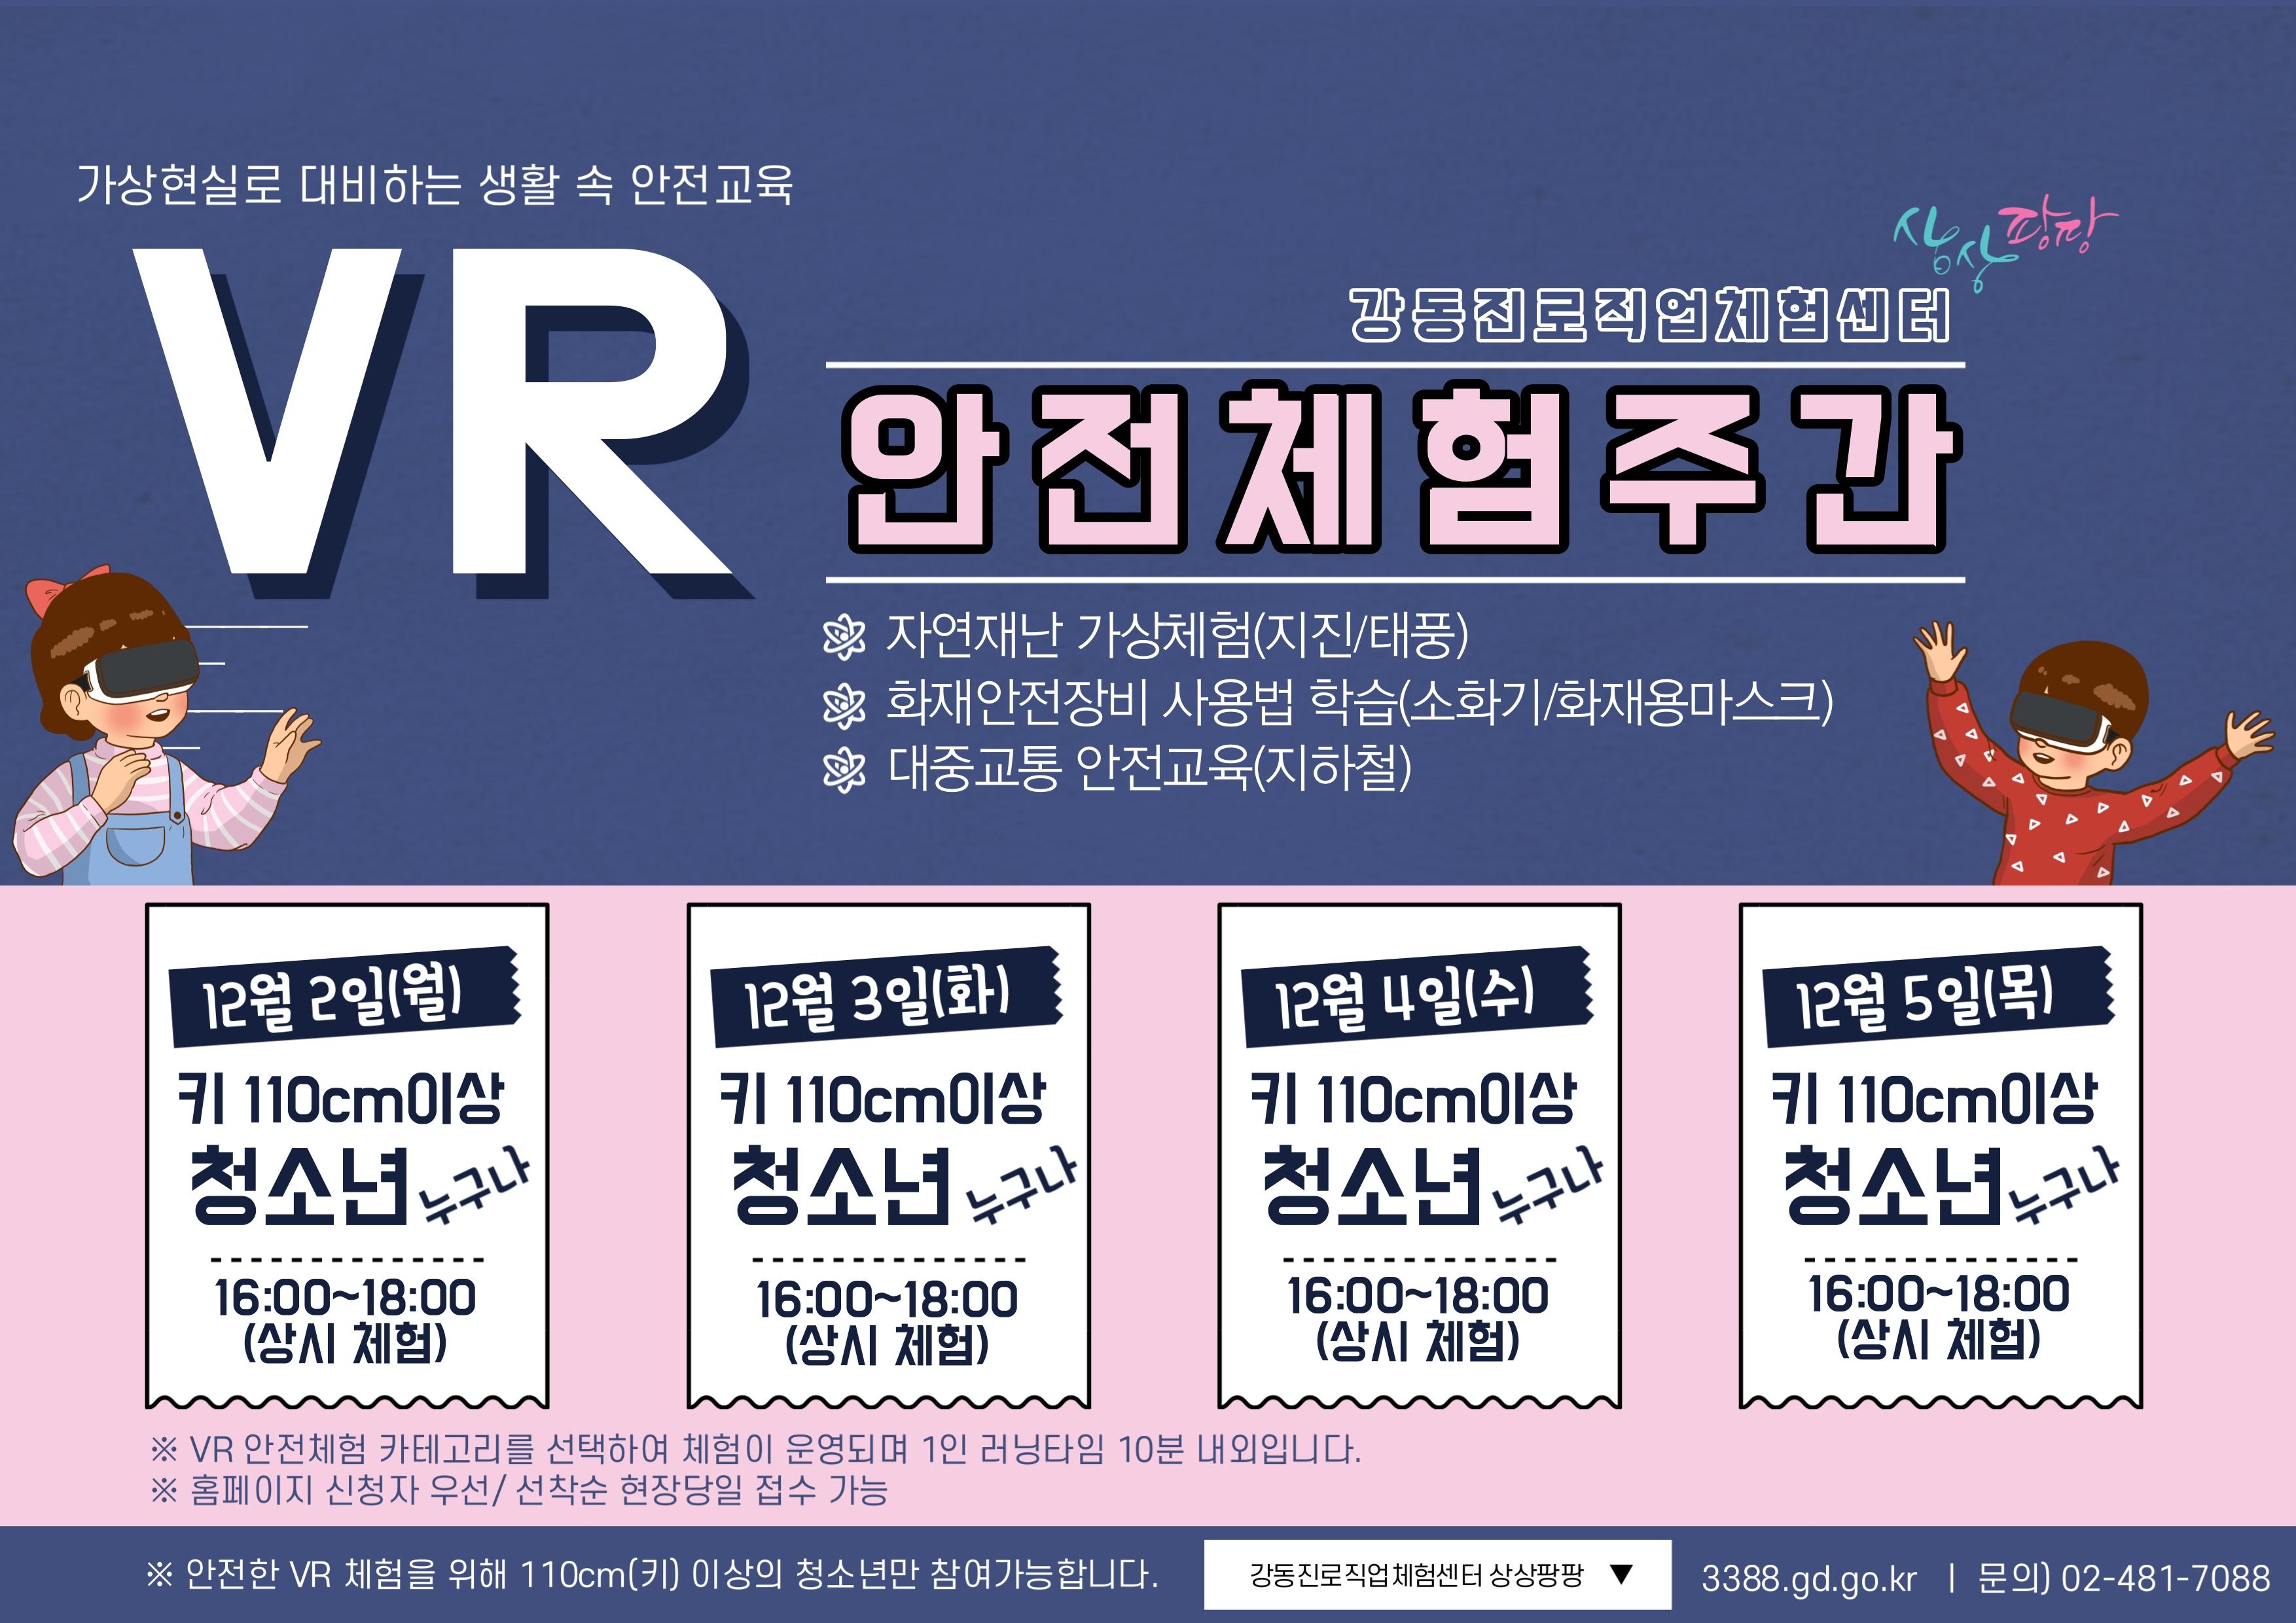 VR안전체험주간 홍보포스터_JPG.jpg